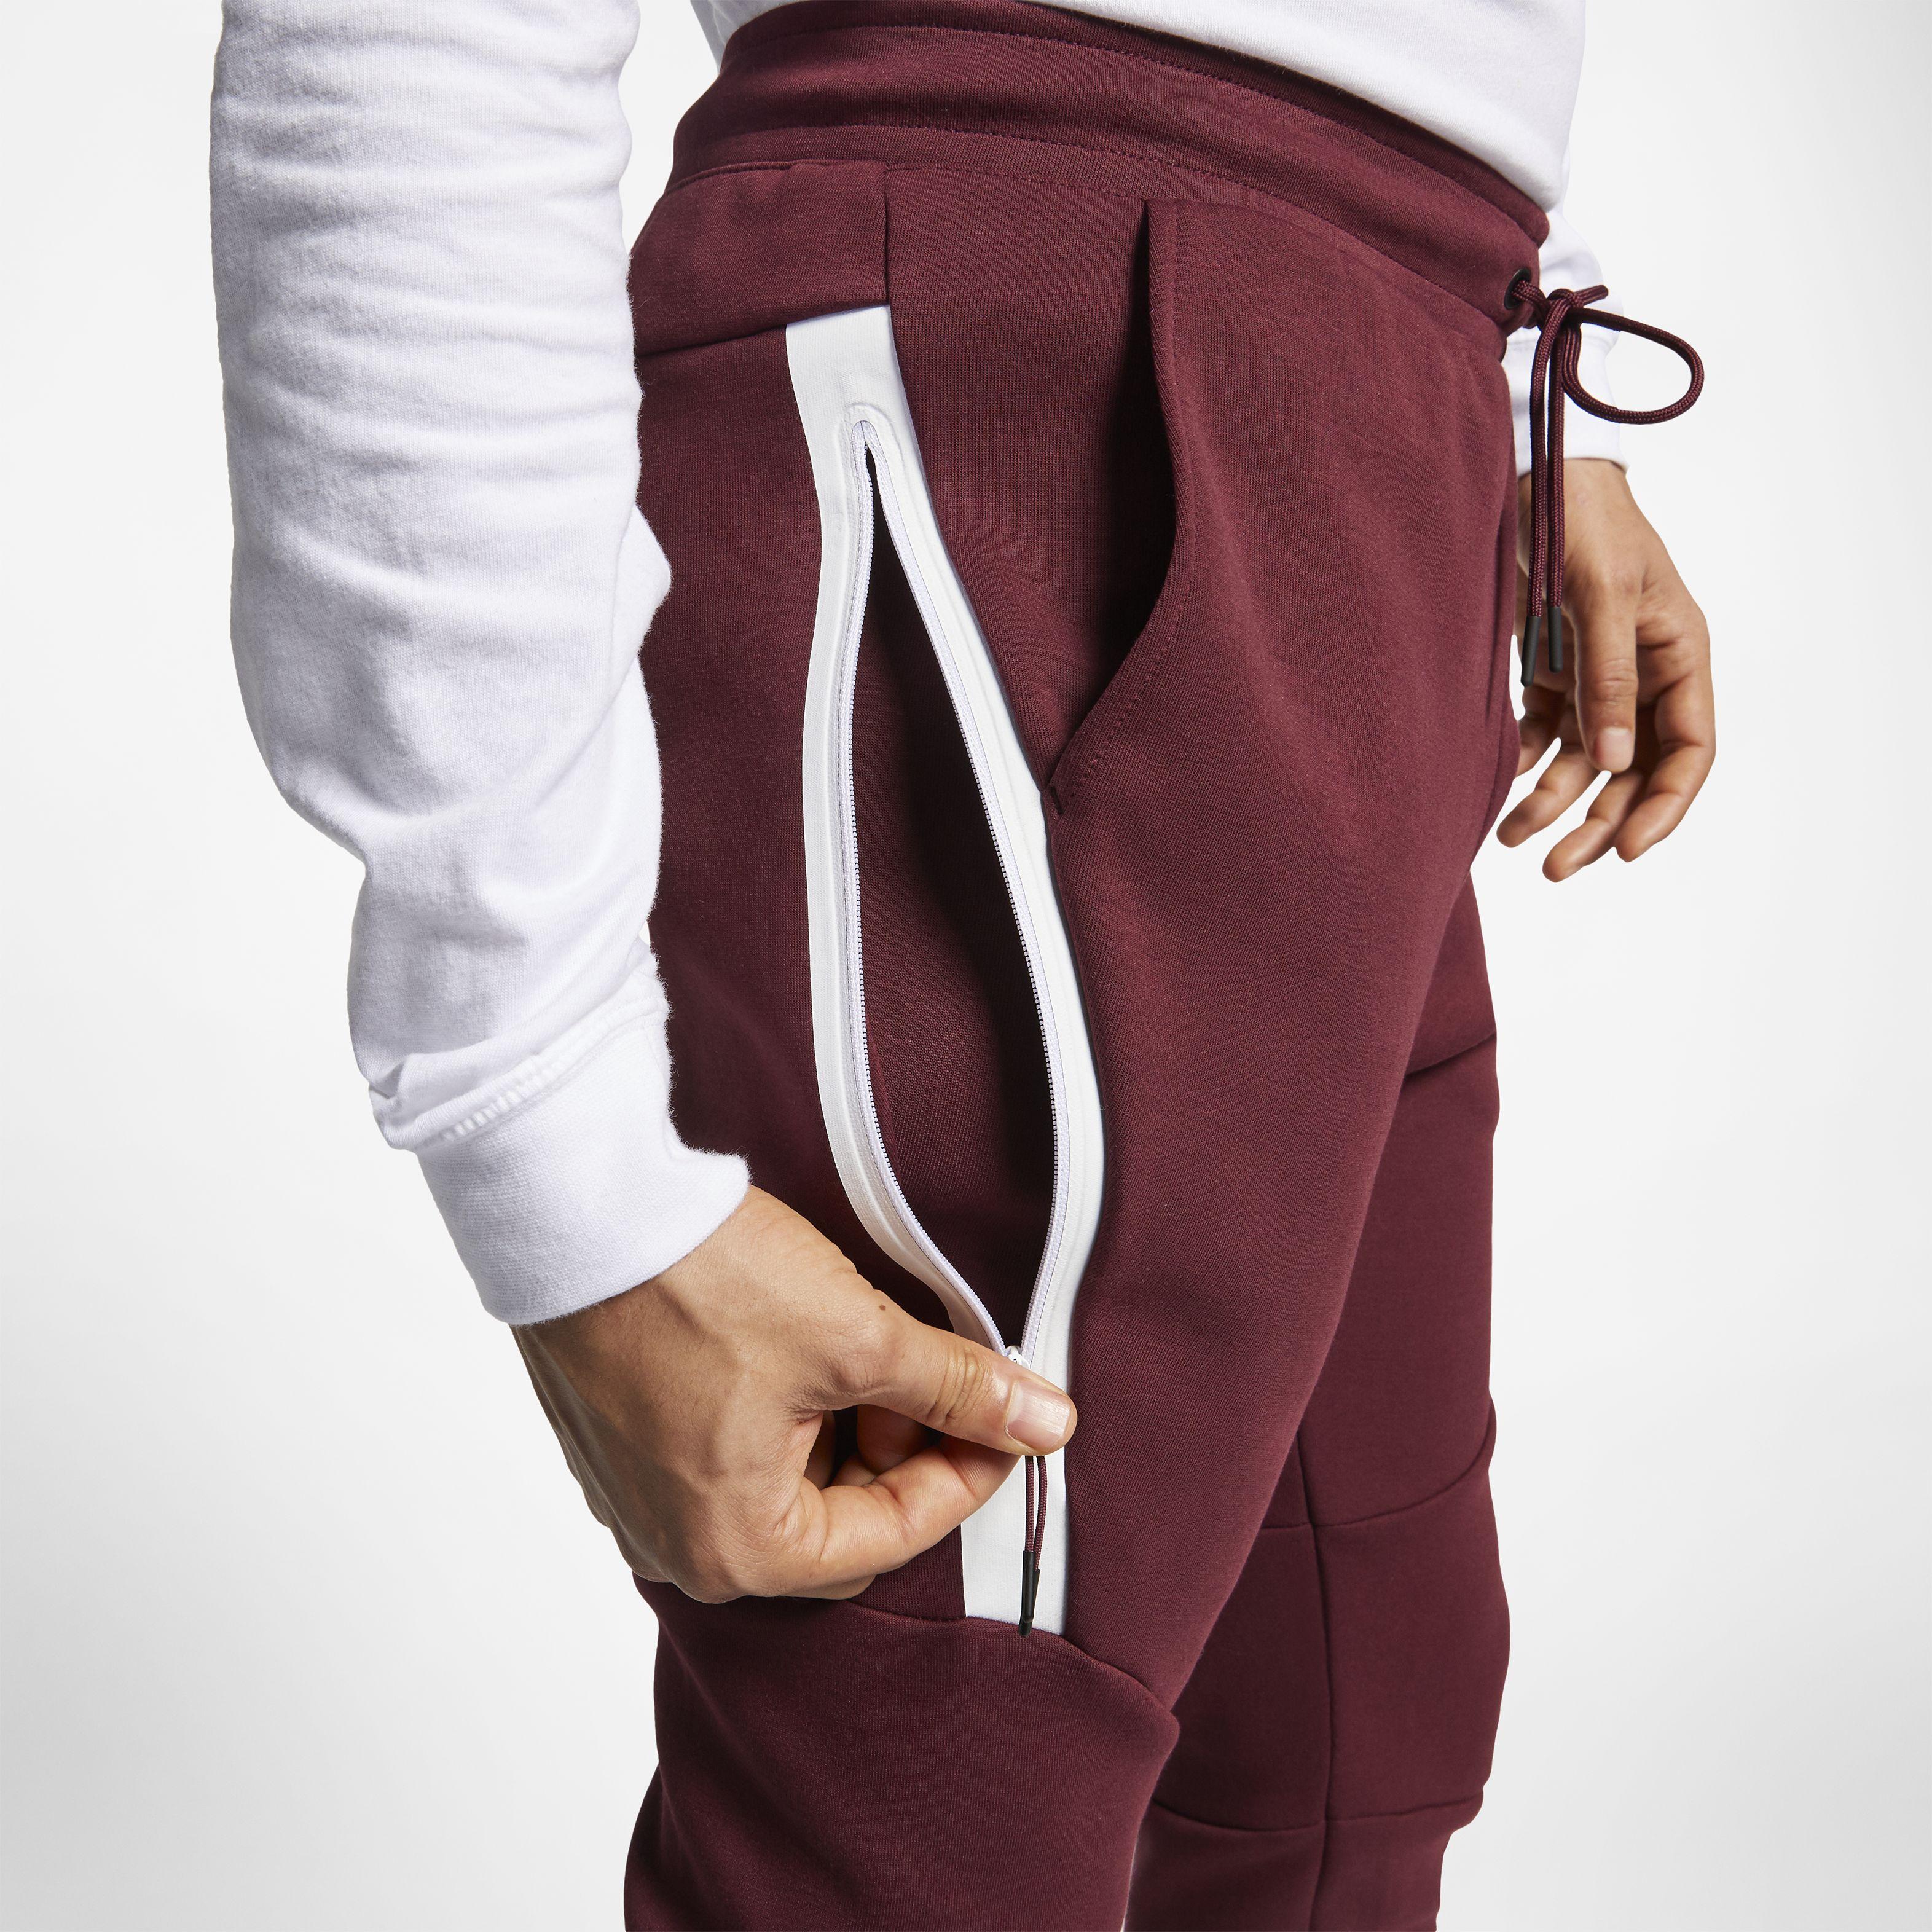 5e7d056a Мужские брюки Nike Sportswear Tech Fleece Joggers Night Maroon/White - фото  5